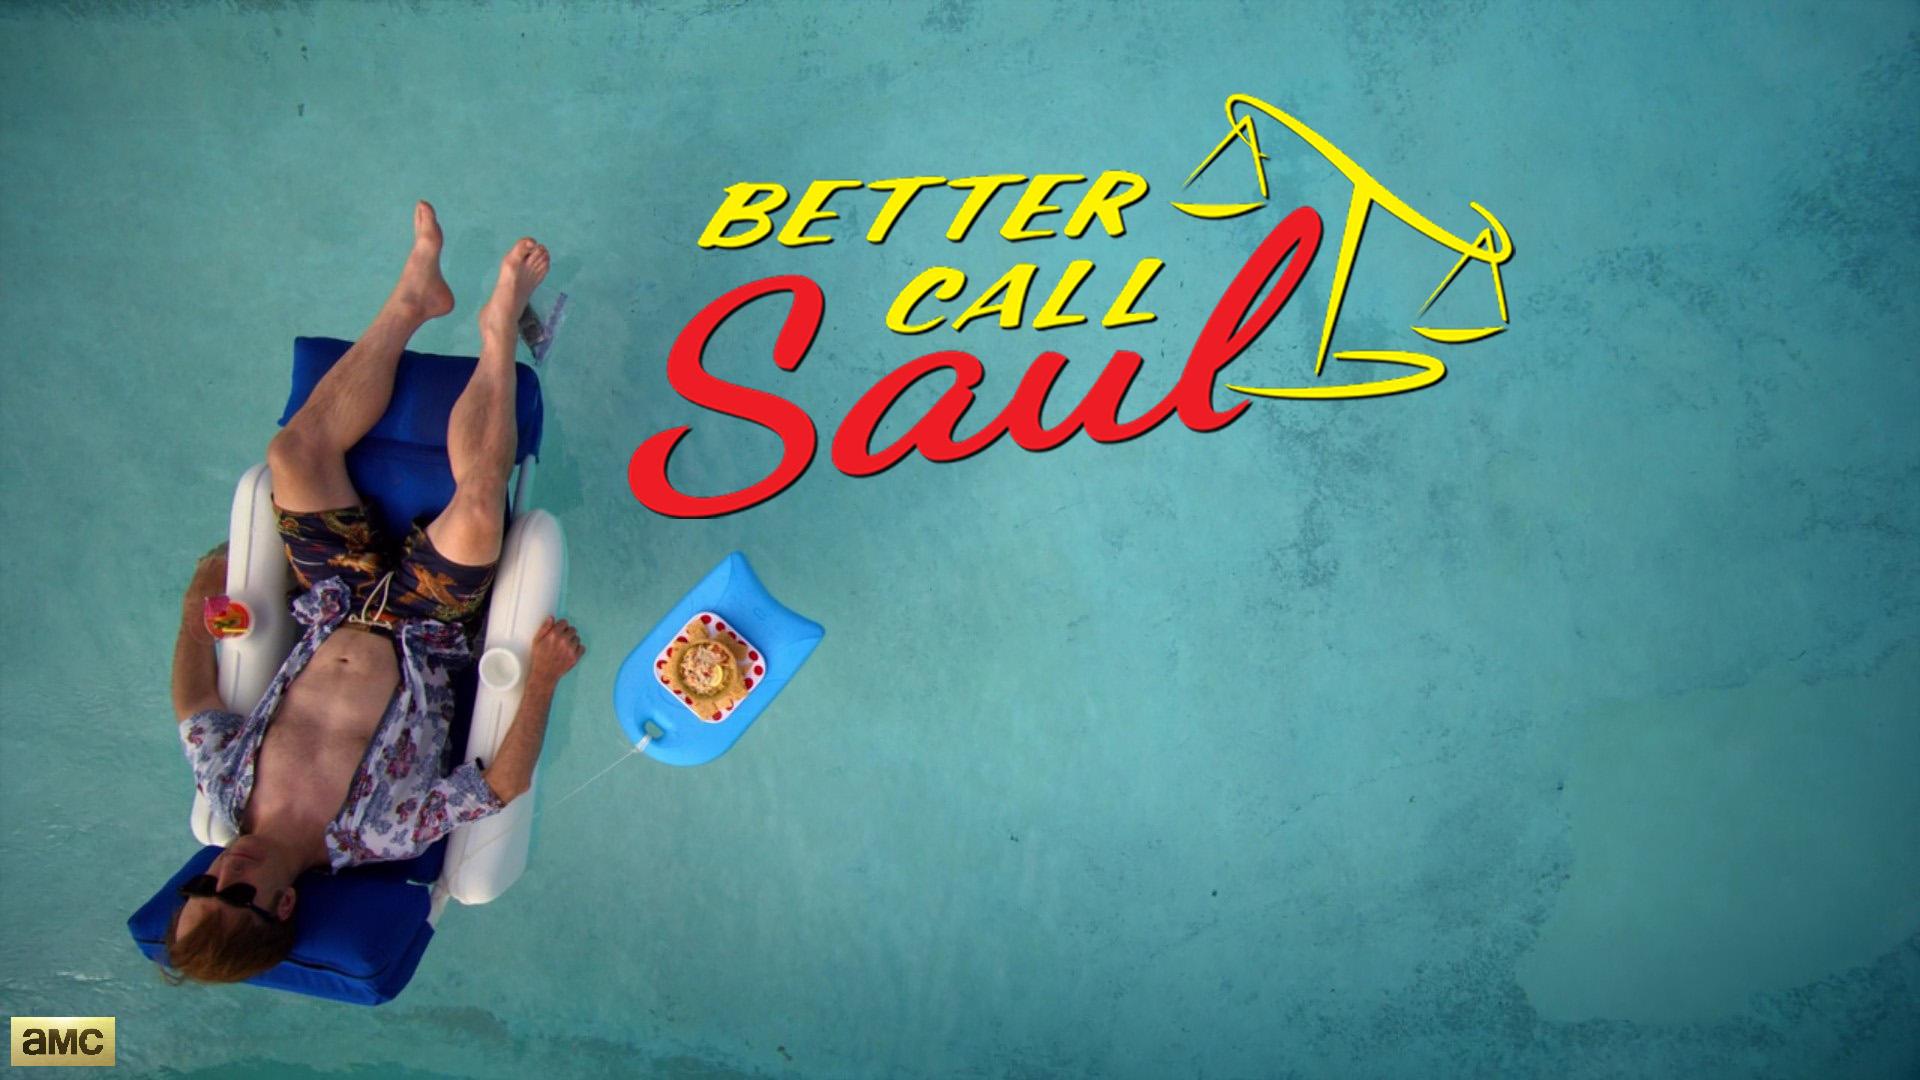 better call saul tv wallpaper 65243